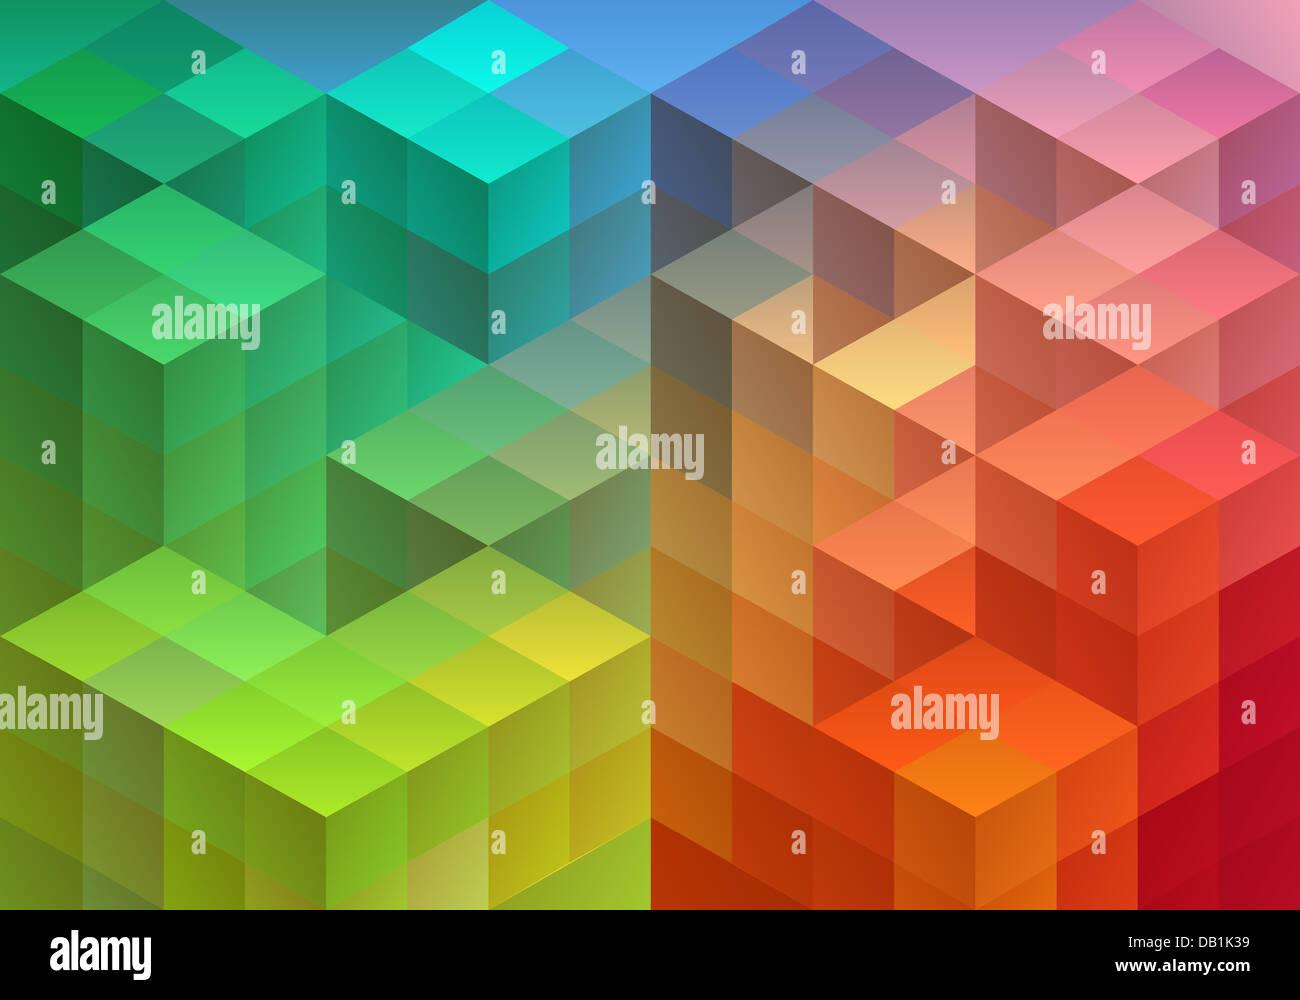 Abstract disegno geometrico, triangolo poligono design, sfondo vettoriale Immagini Stock